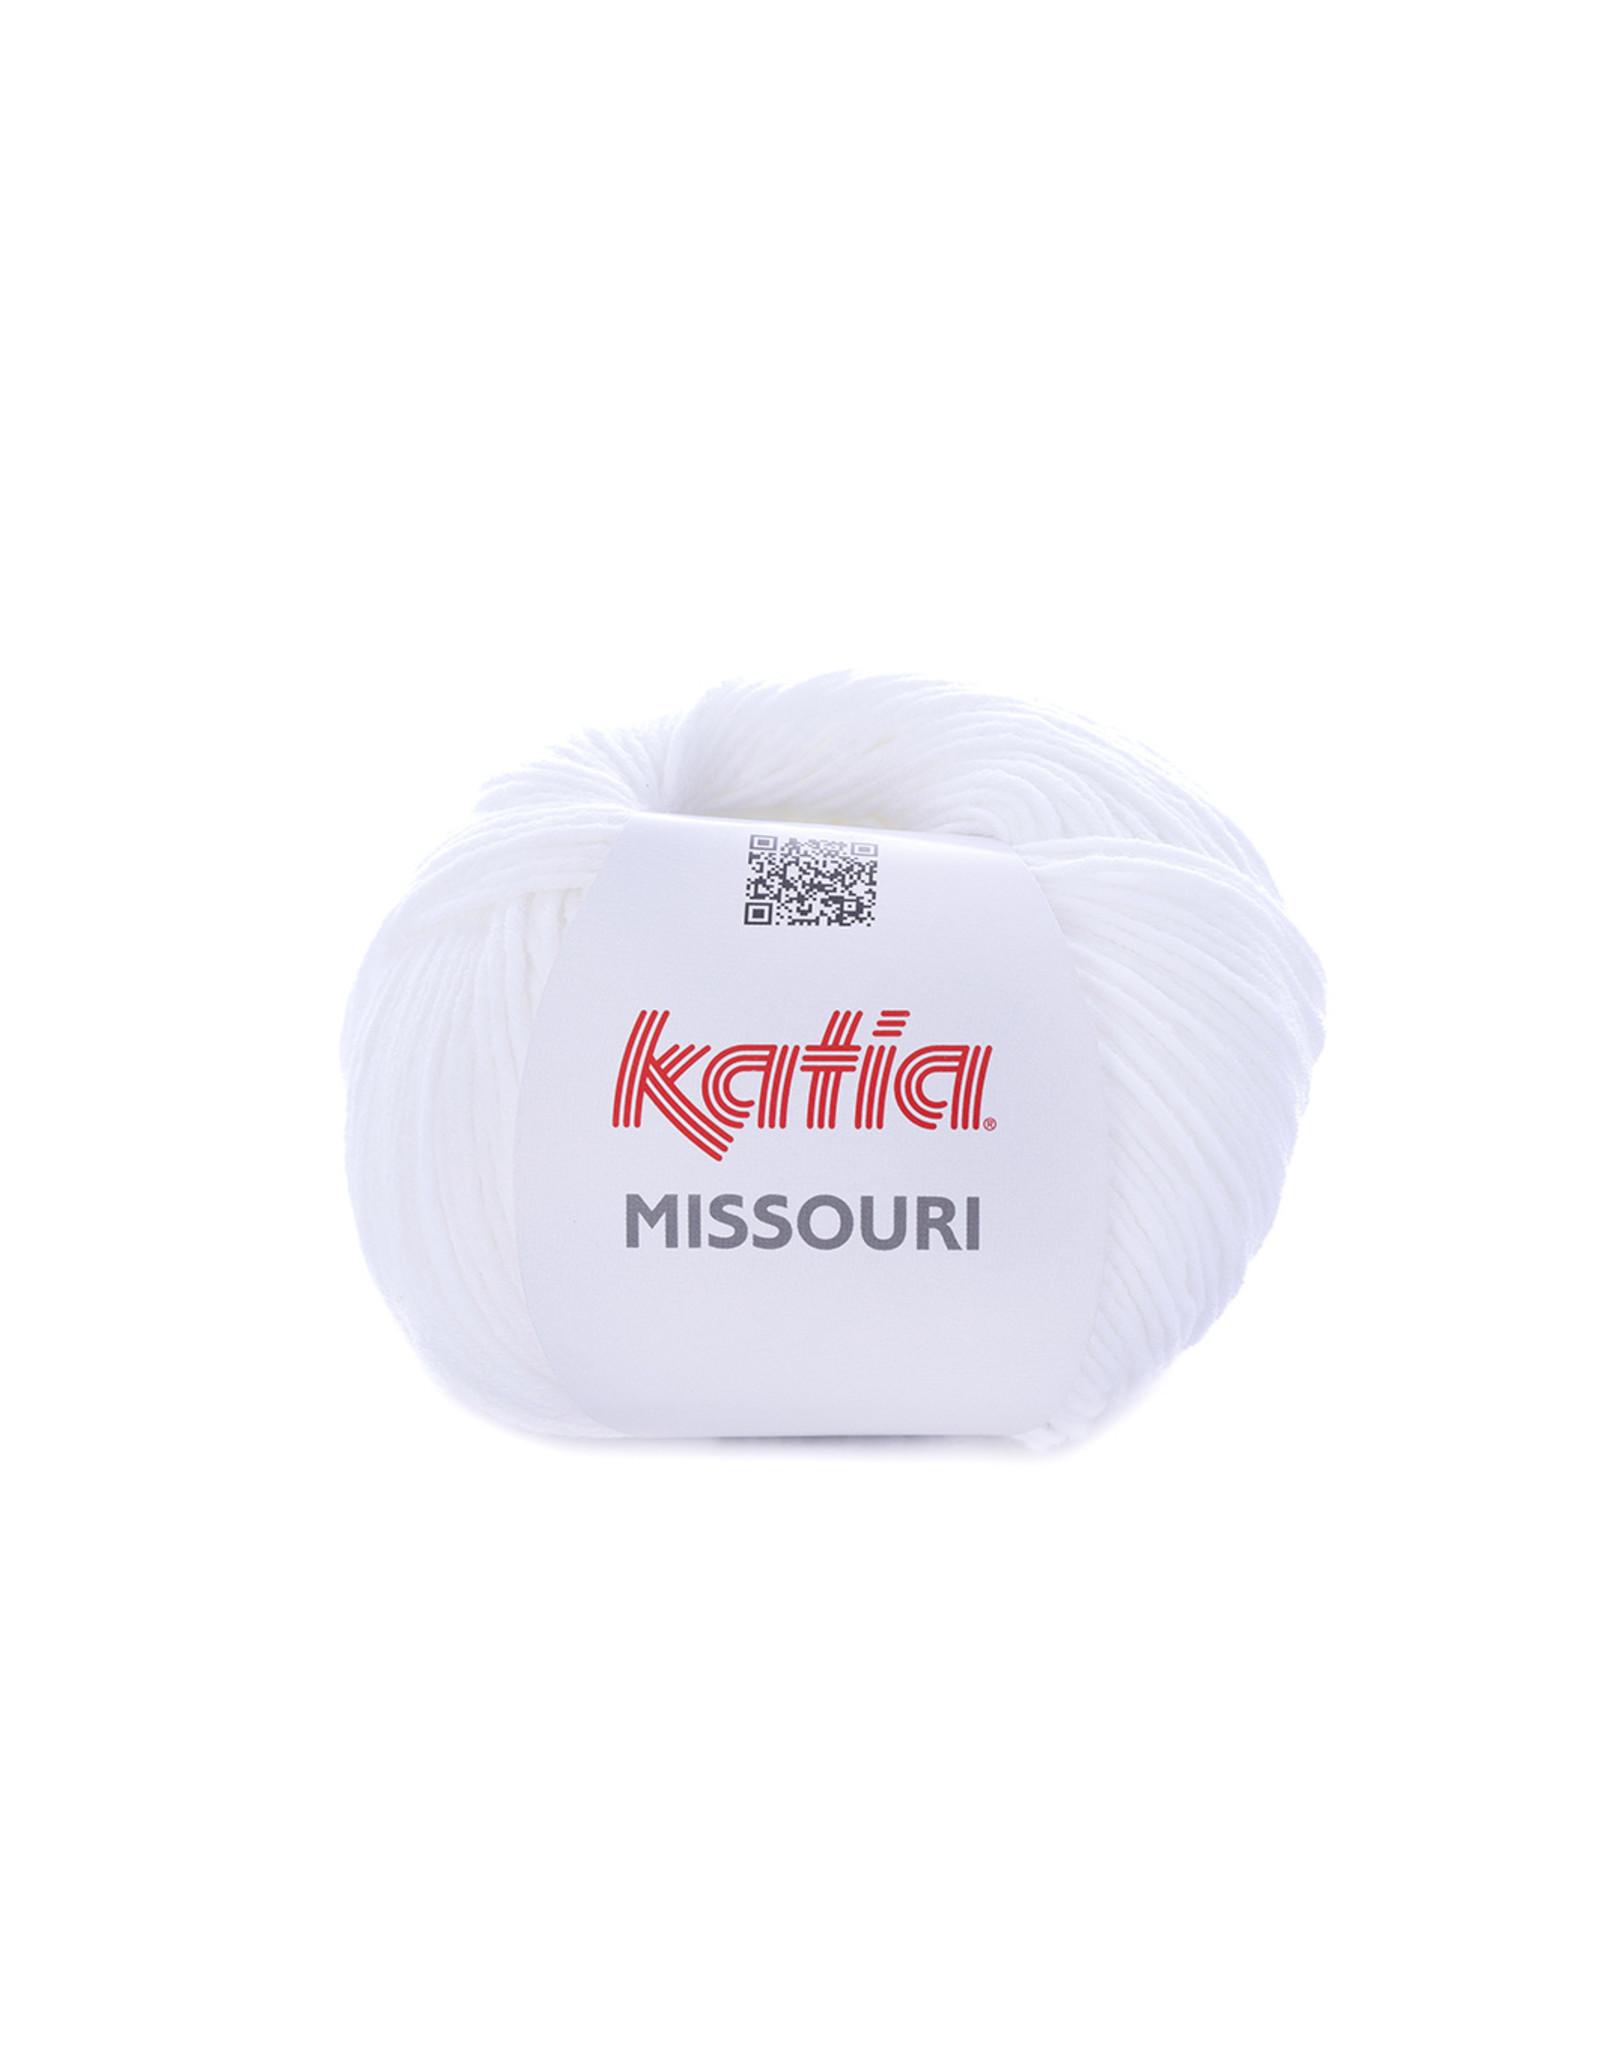 Katia Katia Missouri *